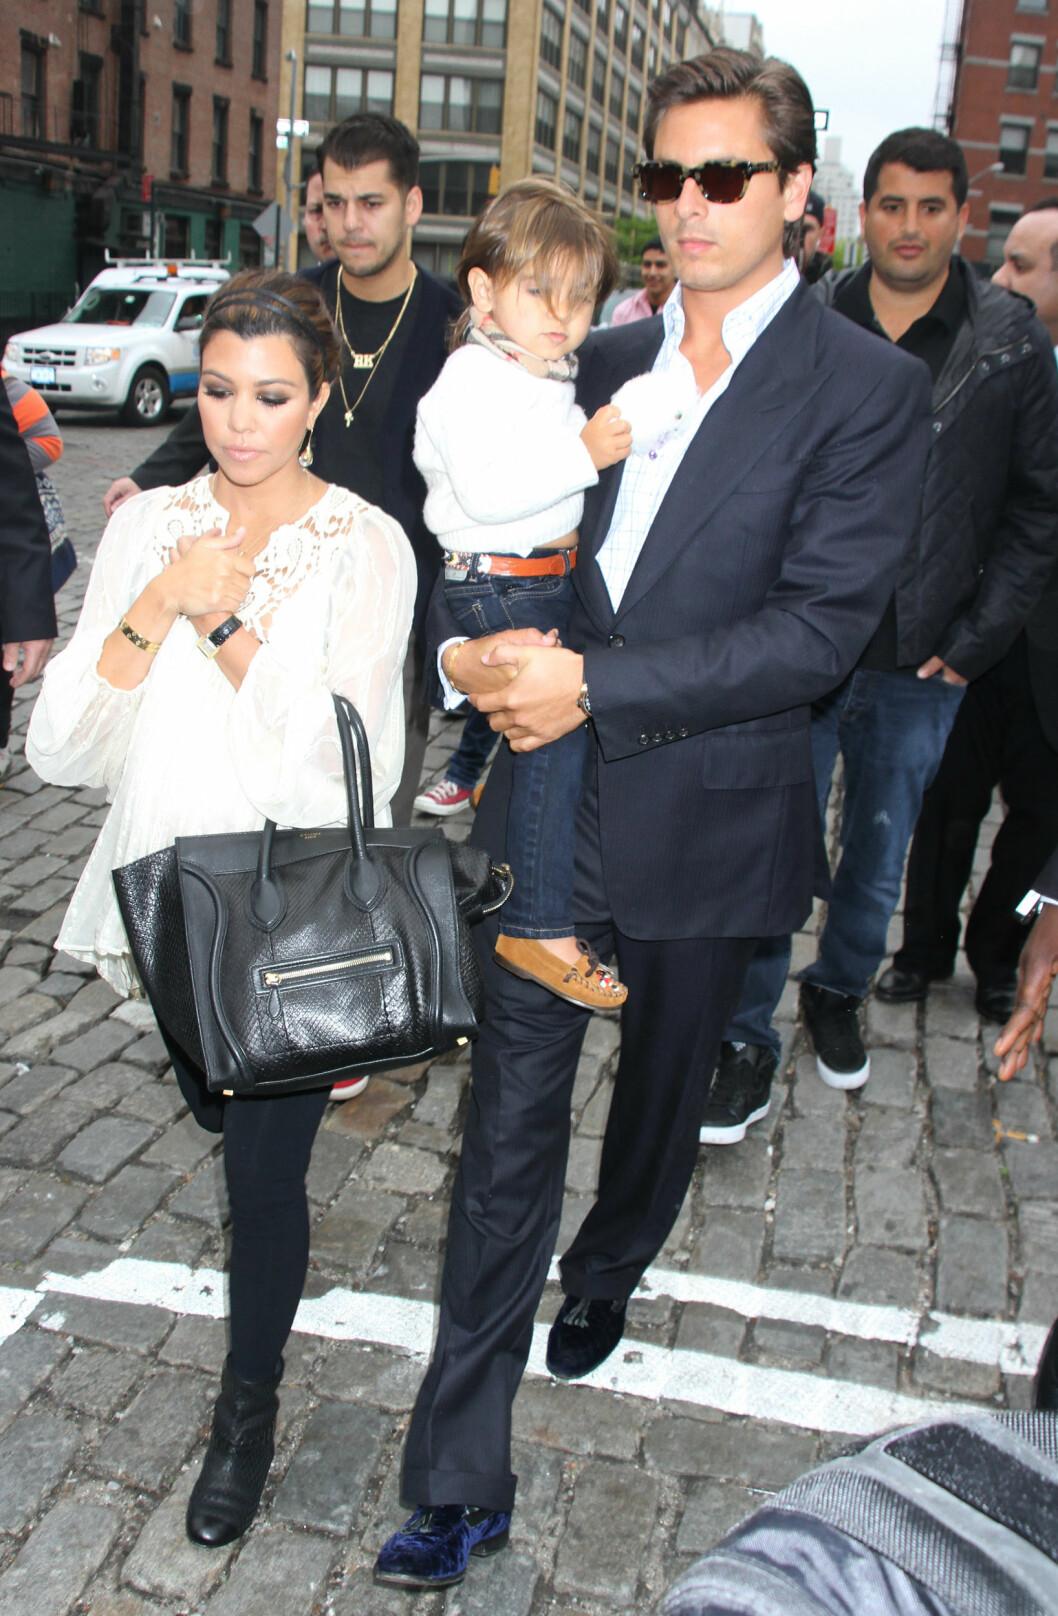 BRUDD: Kourtney Kardashian og Scott Disick gikk fra hverandre i sommer. Her er de avbildet med sønnen Mason i 2012.  Foto: © infusny-05/42/INFphoto.com/Corbis